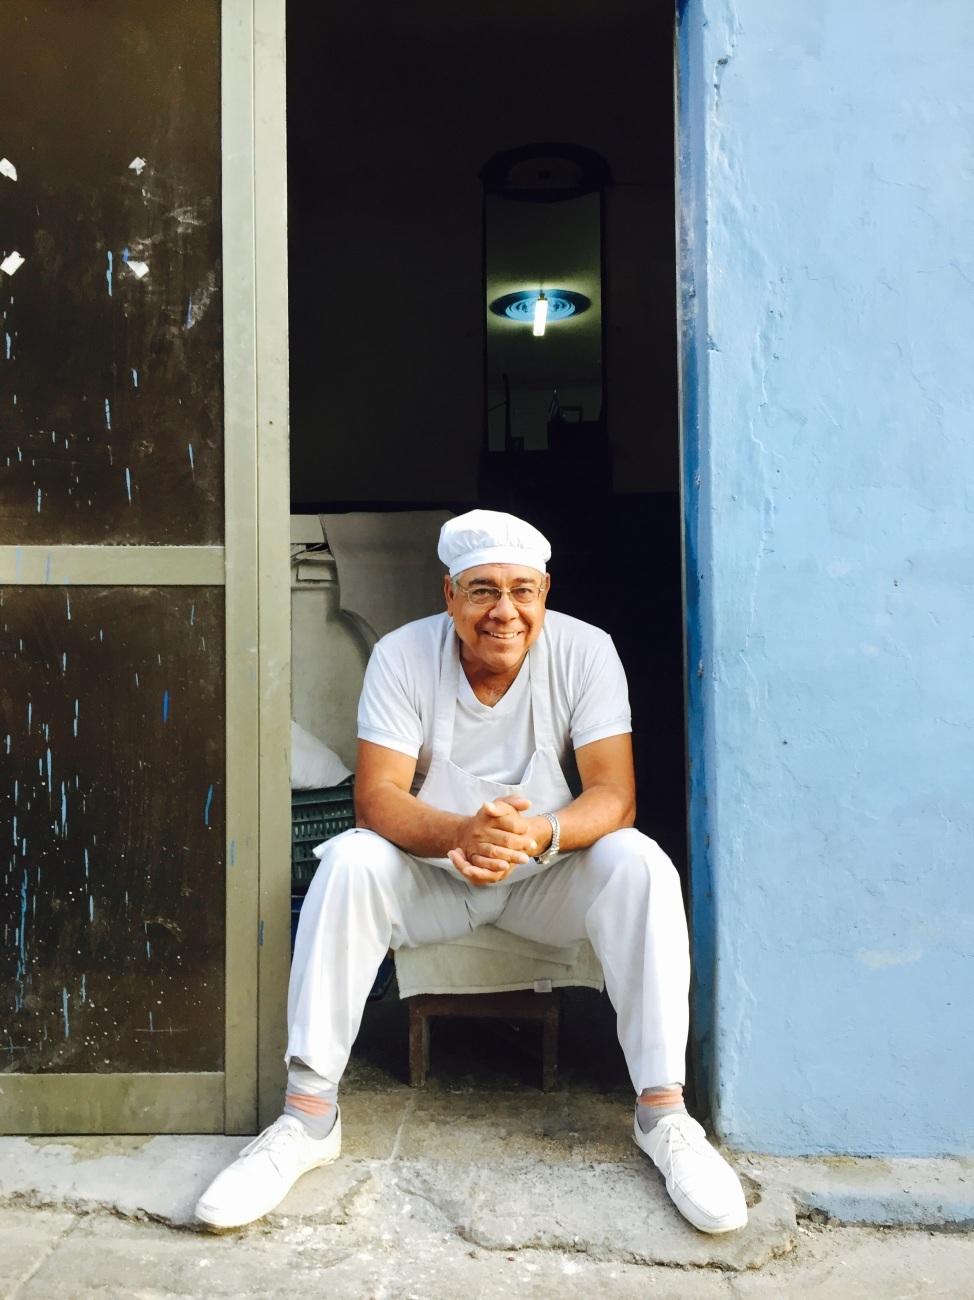 キューバのパン屋さん_a0103940_20322757.jpg